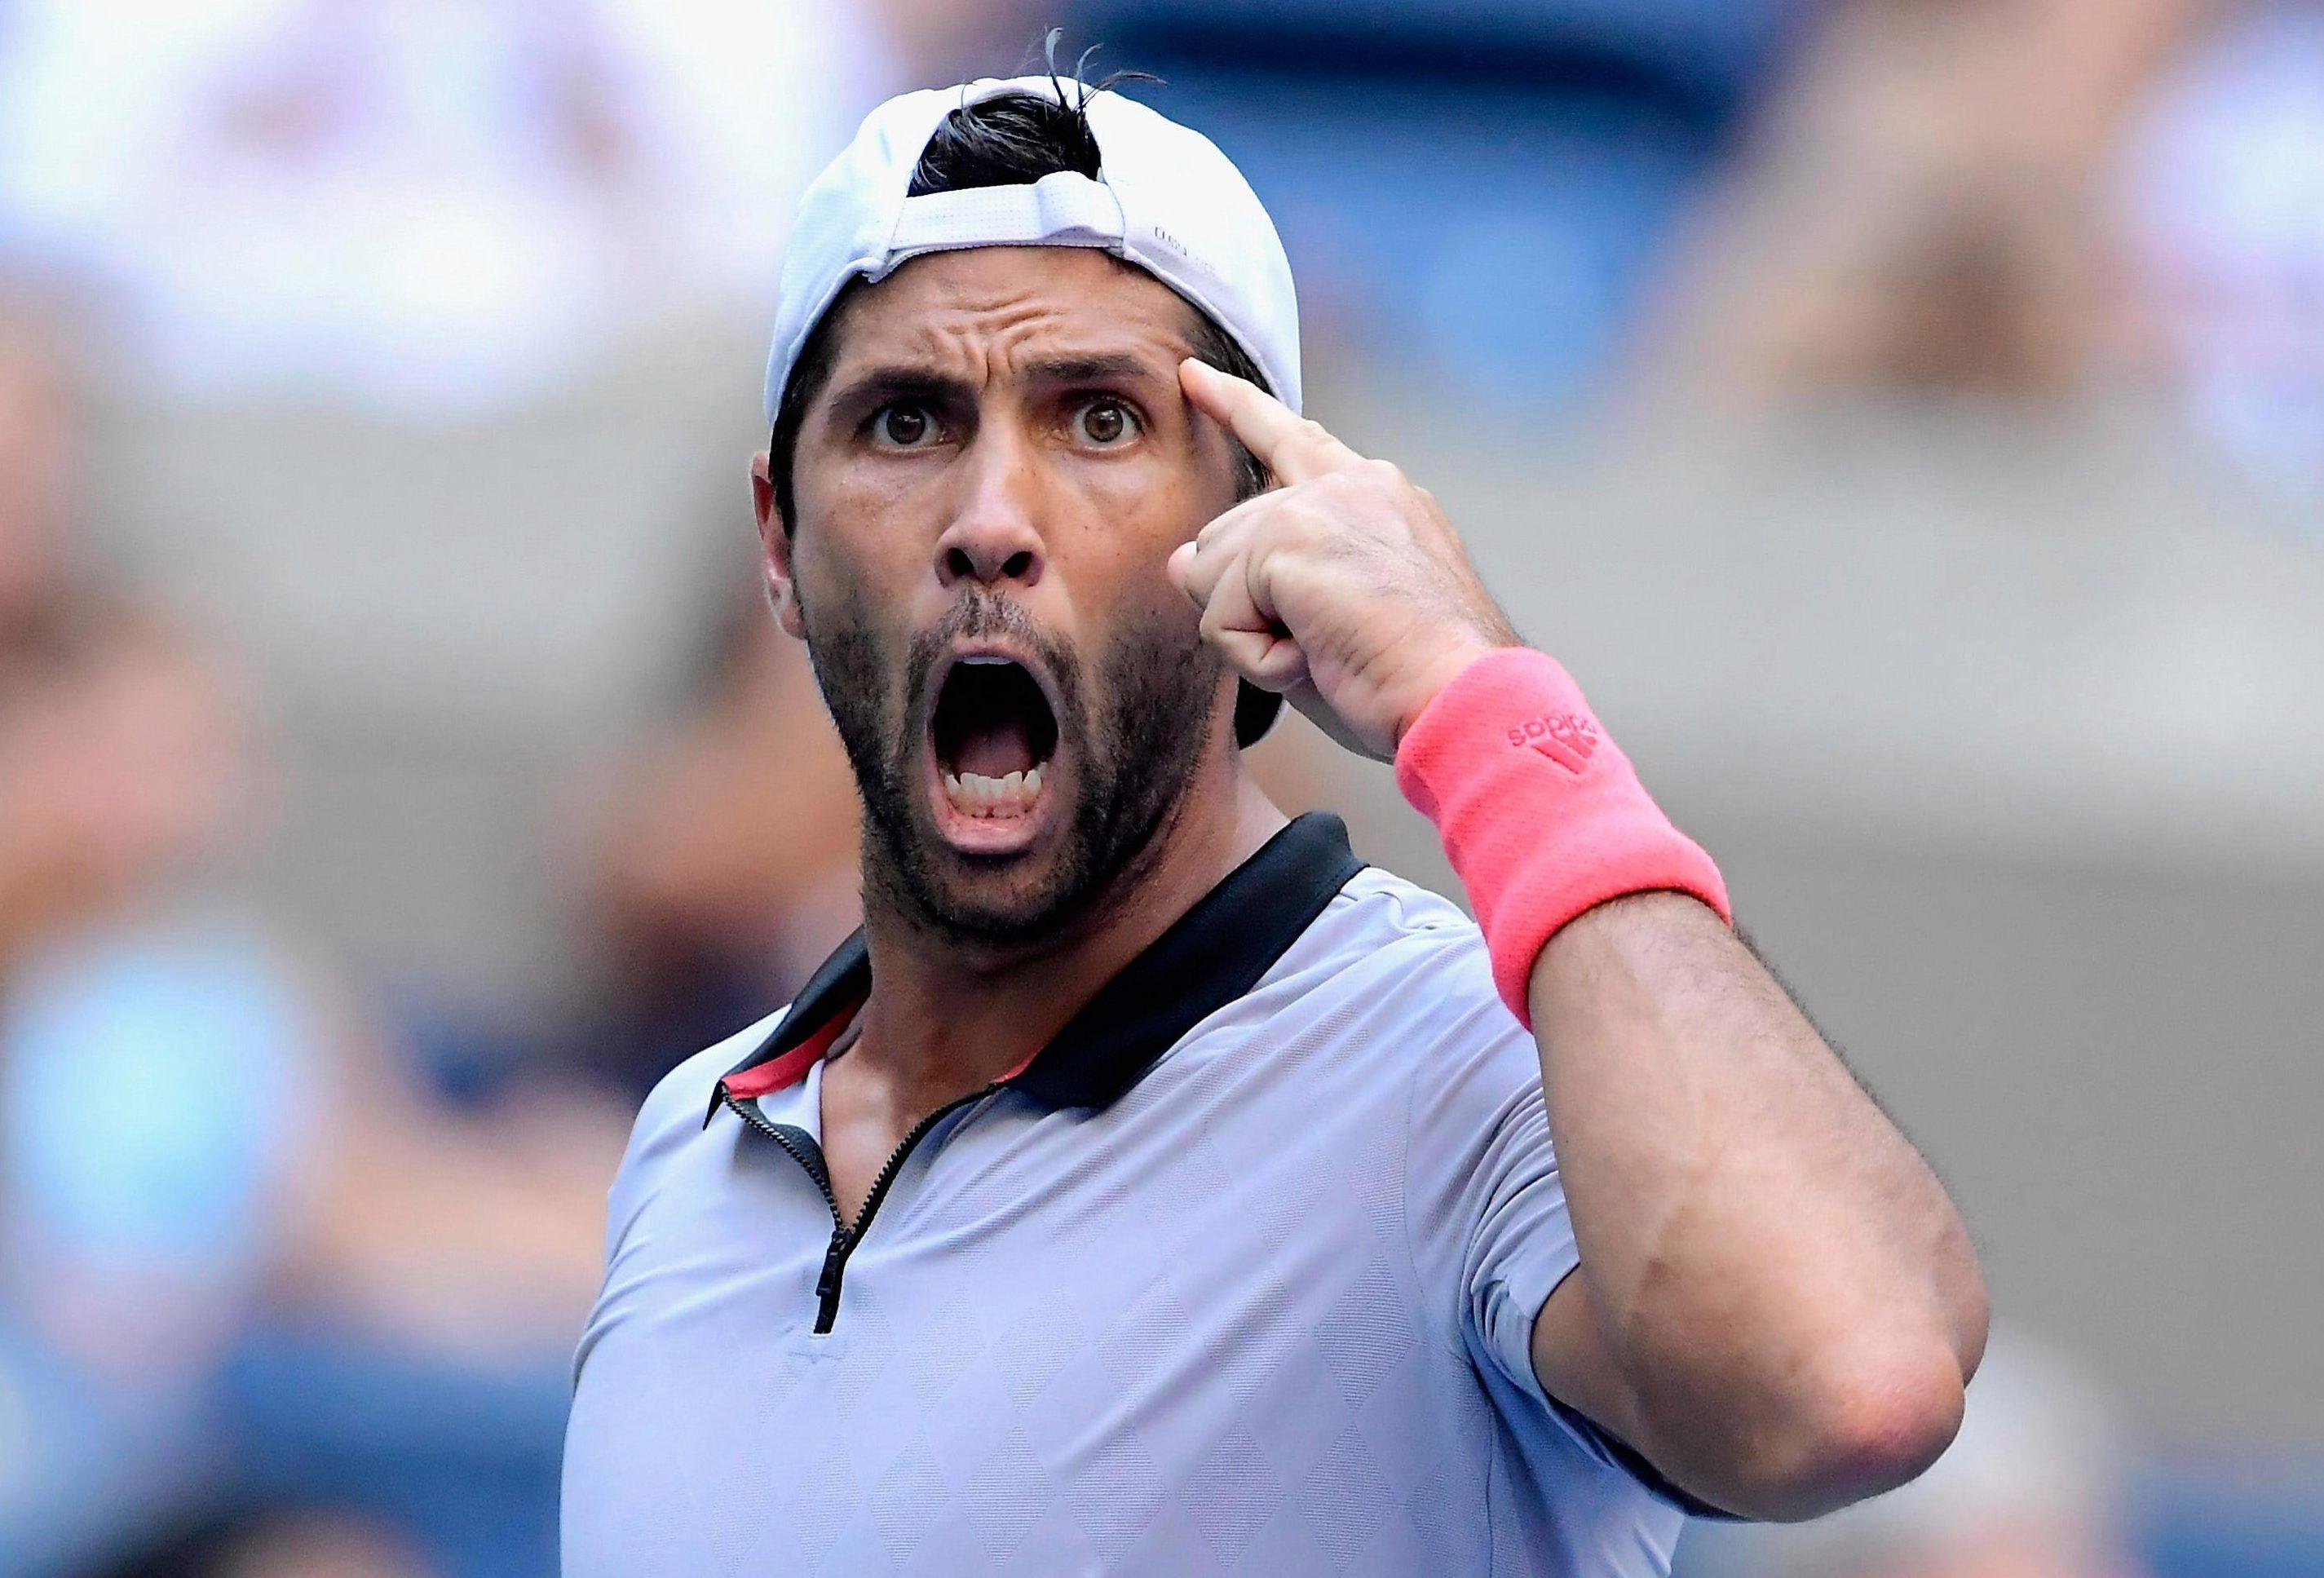 Fiery Spaniard Fernando Verdasco claimed a four-set win on Arthur Ashe Stadium